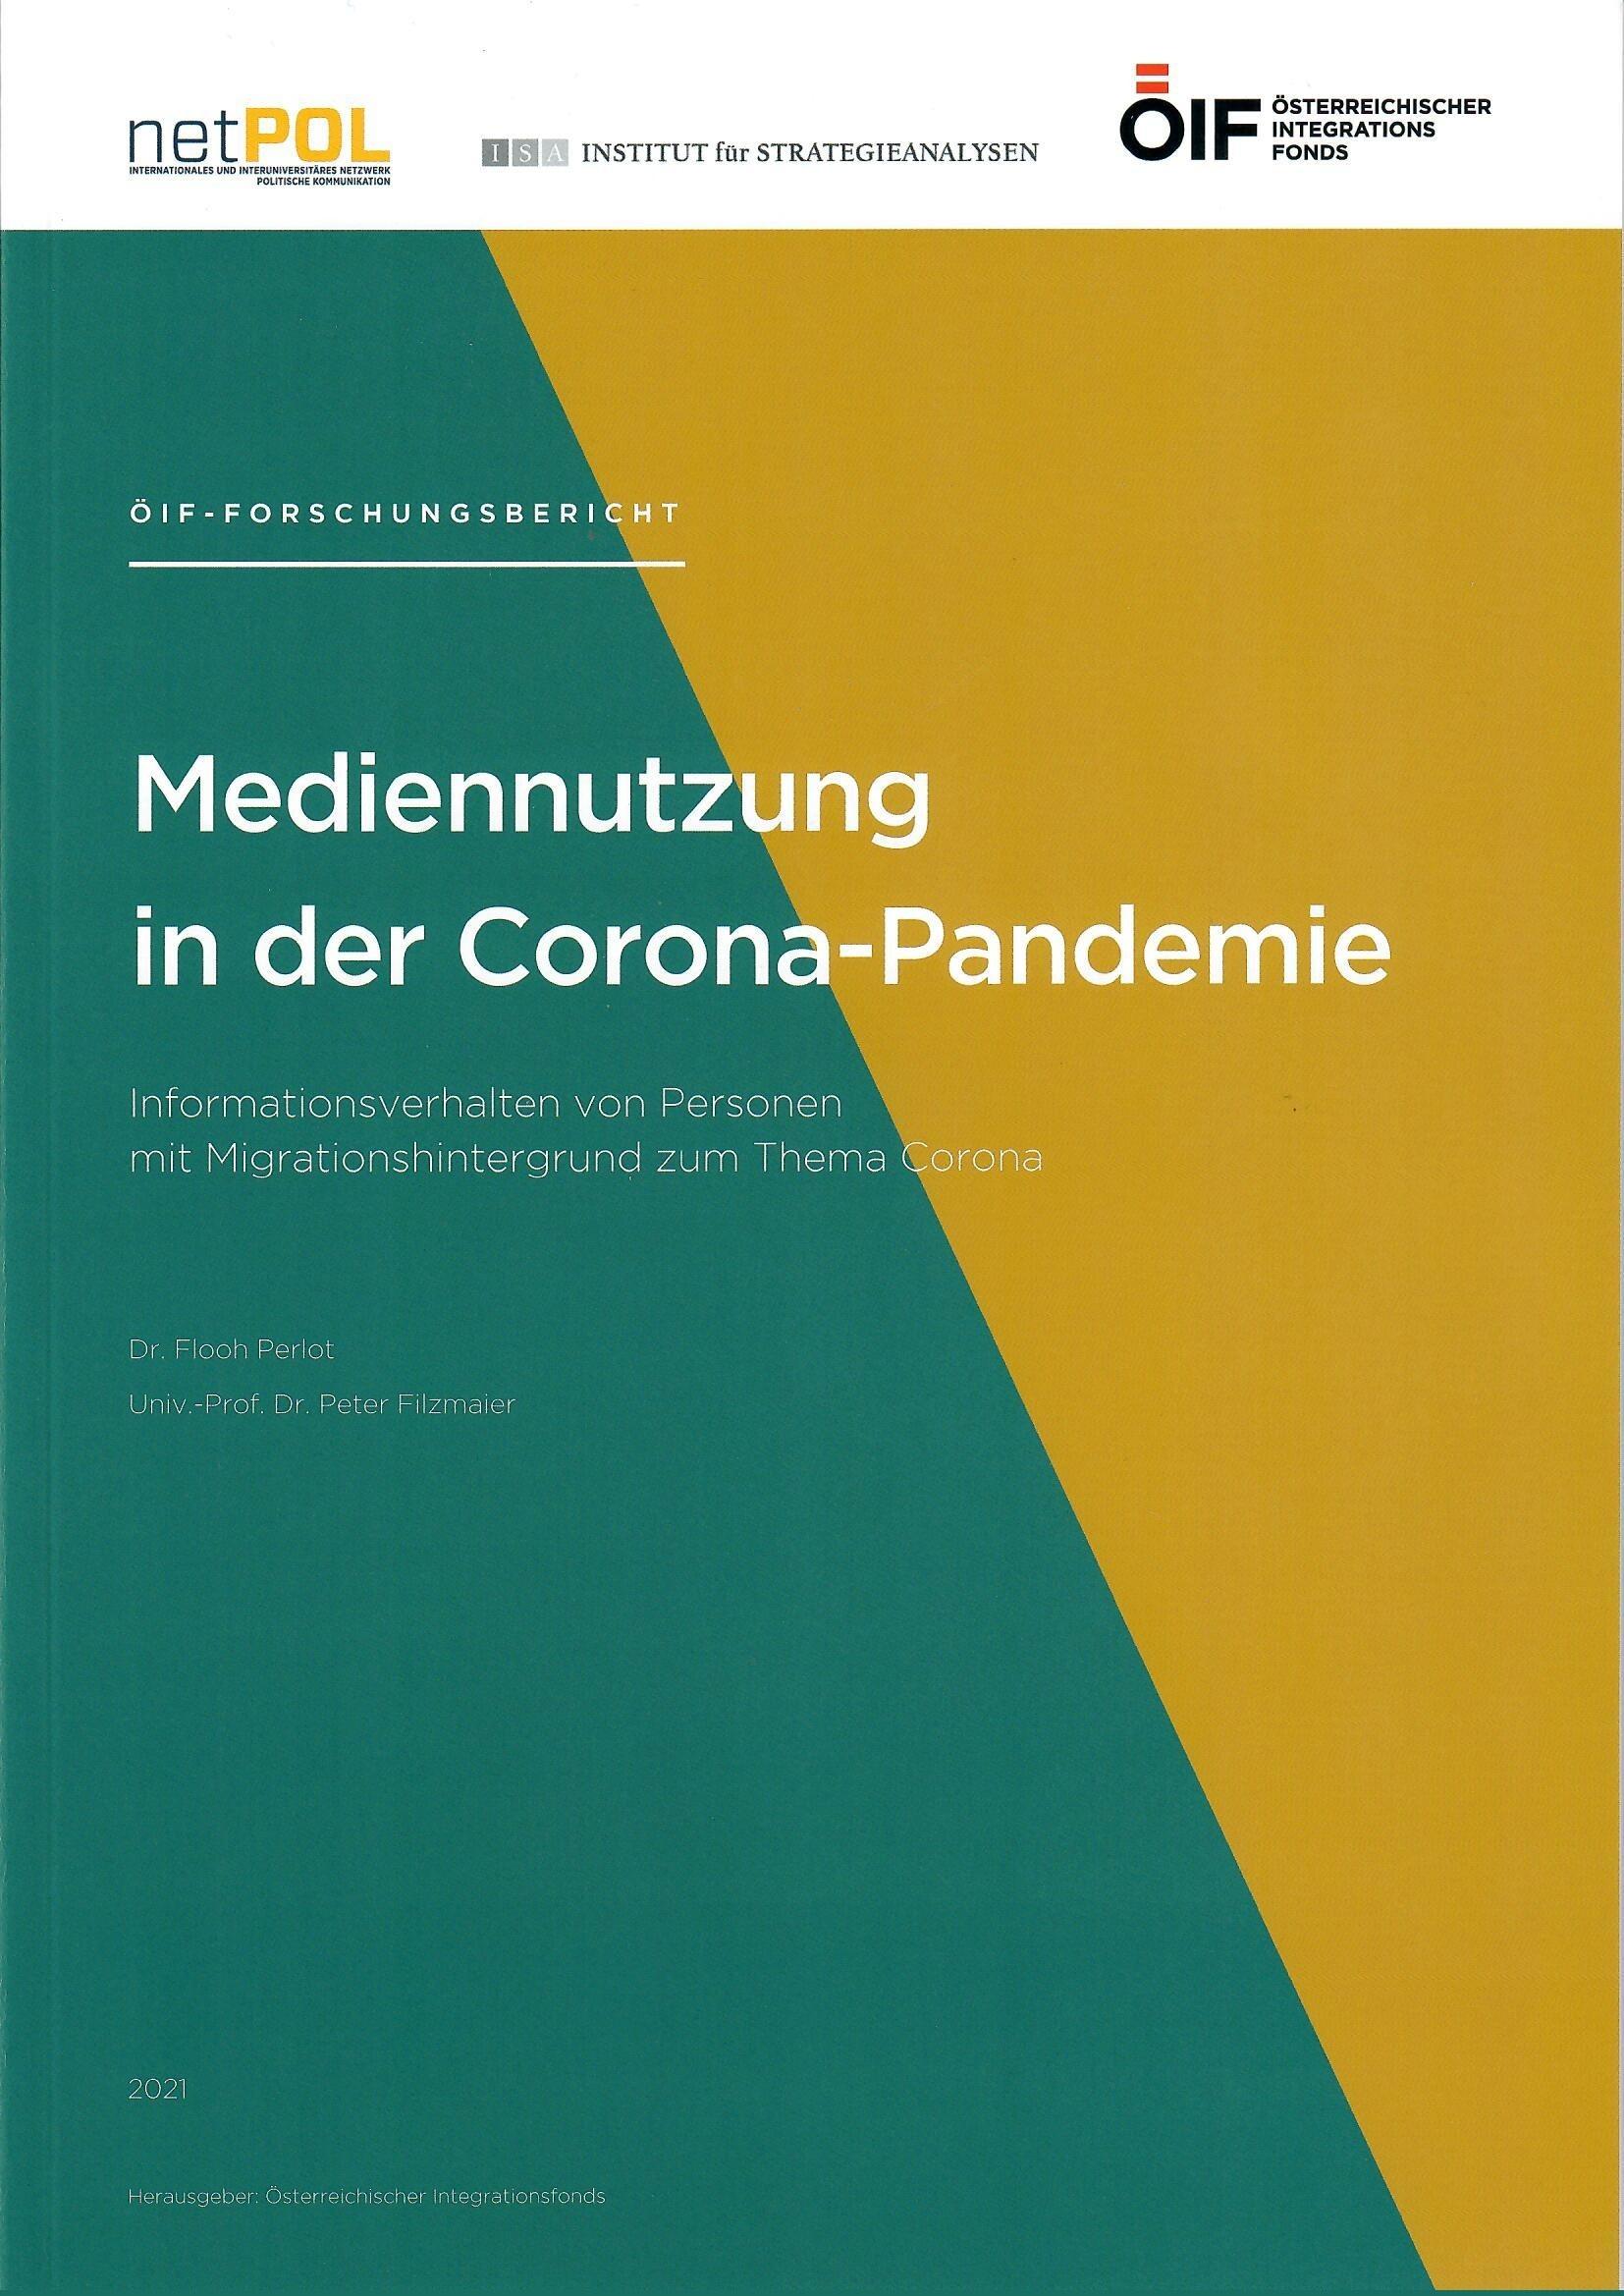 Mediennutzung in der Corona-Pandemie